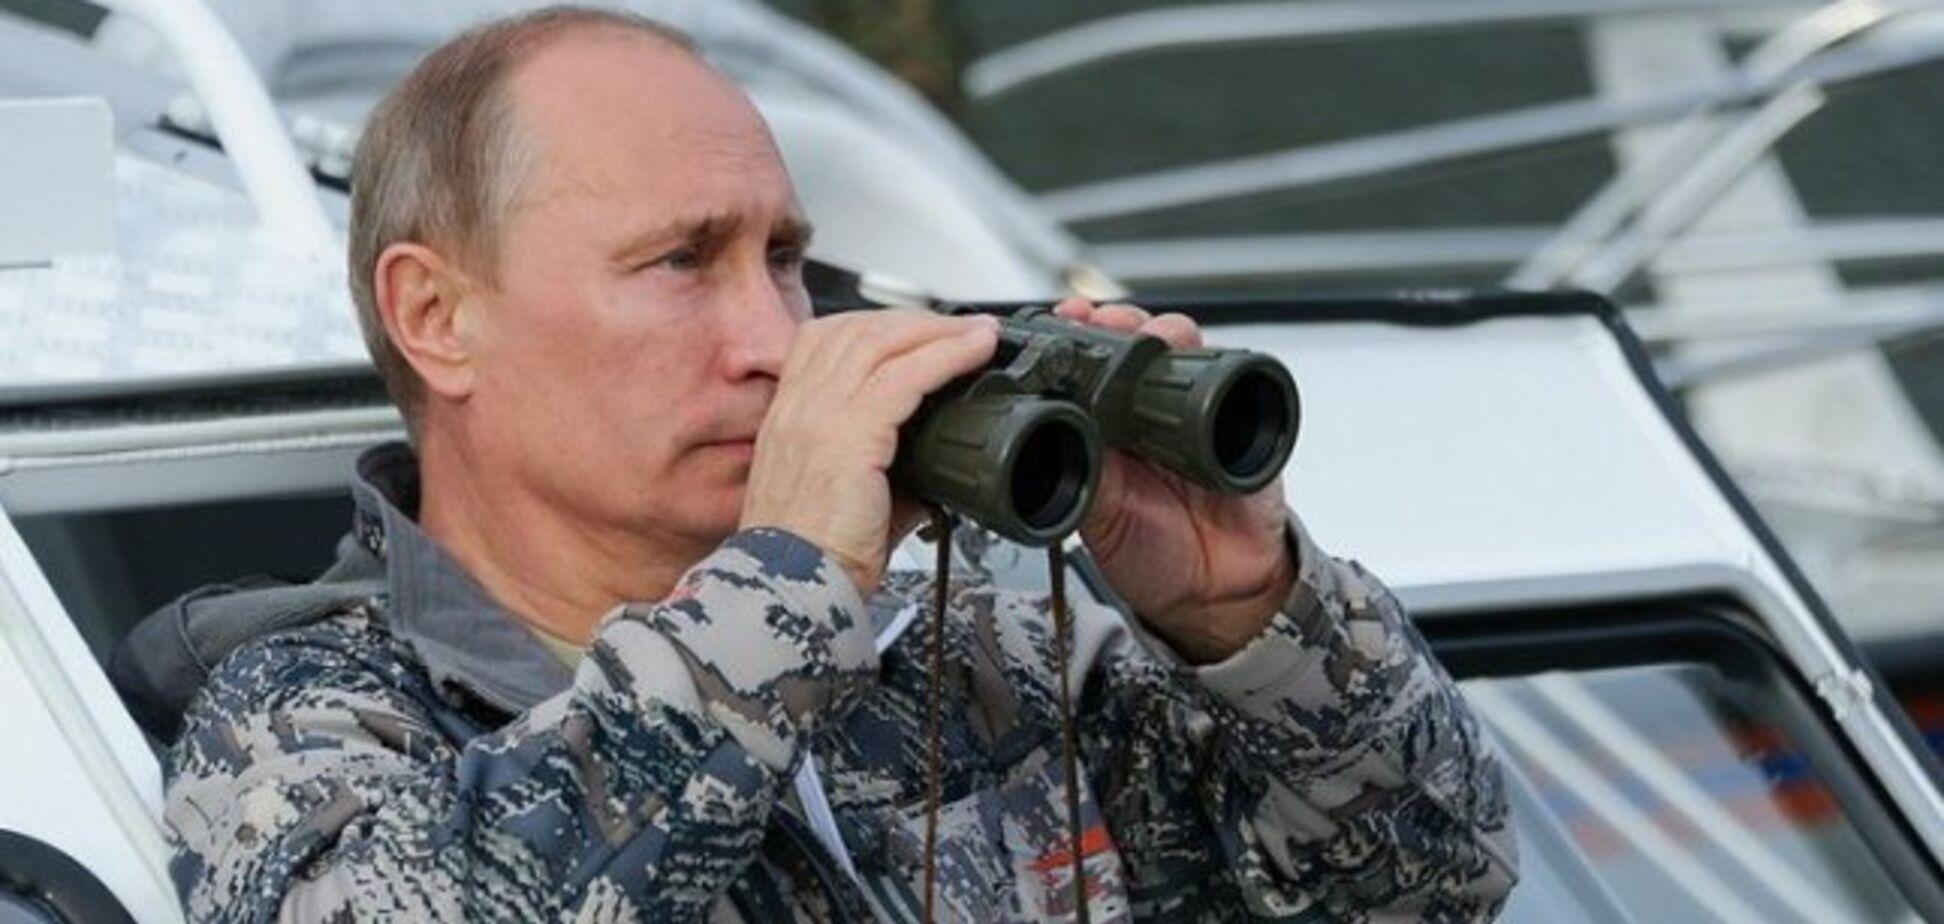 Путин проиграет Украине: дипломат США указал на серьезный просчет Кремля